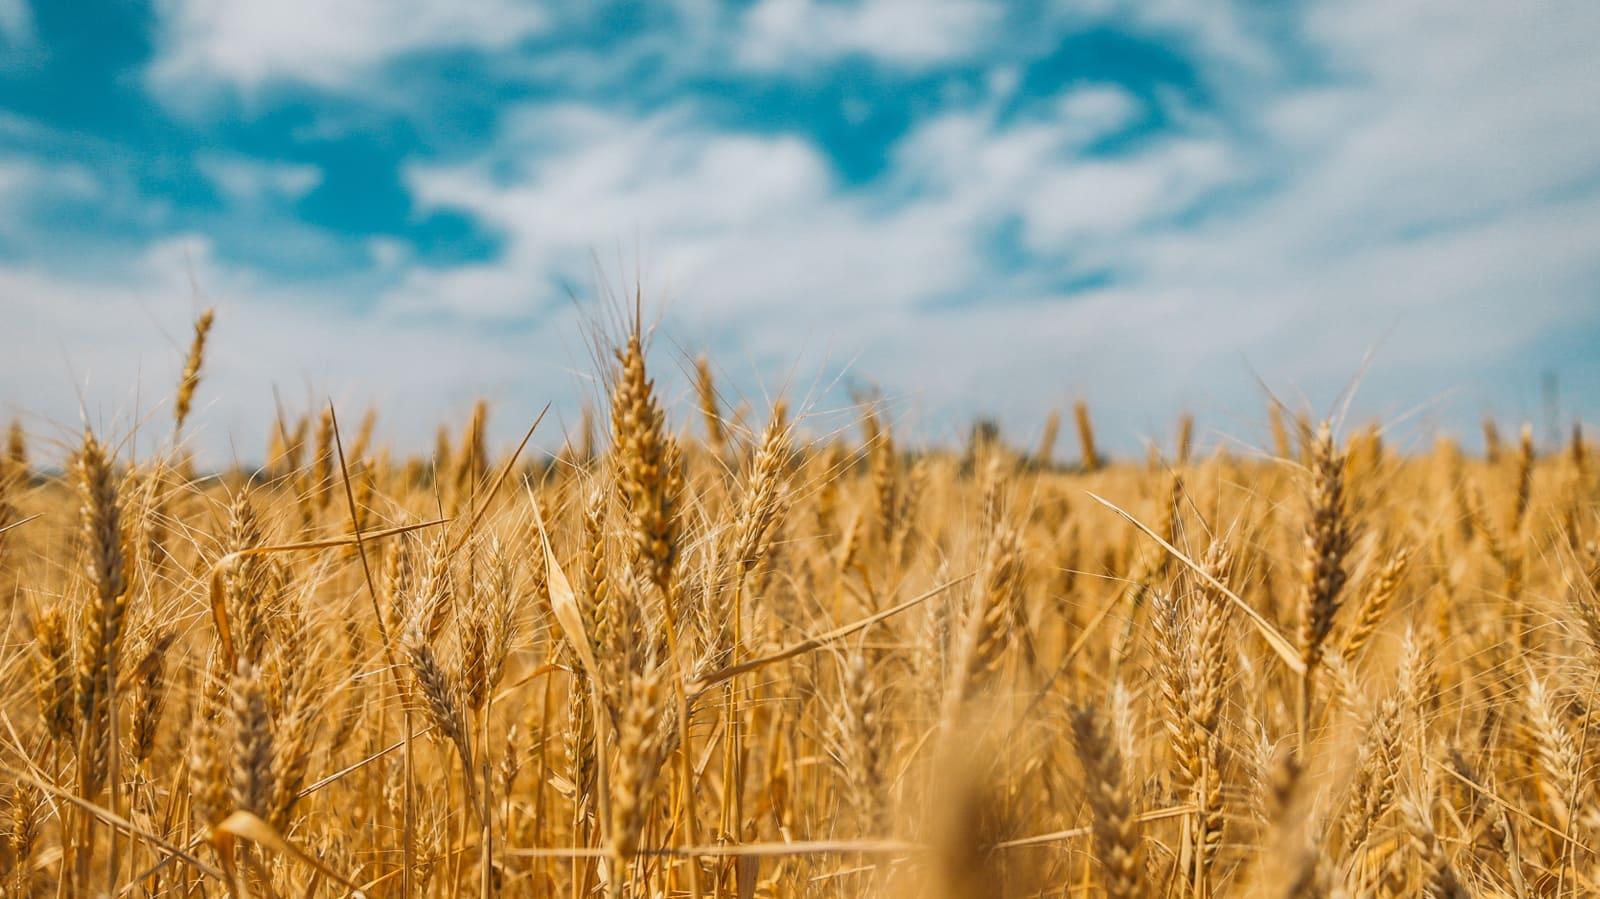 Le bilan carbone d'une exploitation agricole